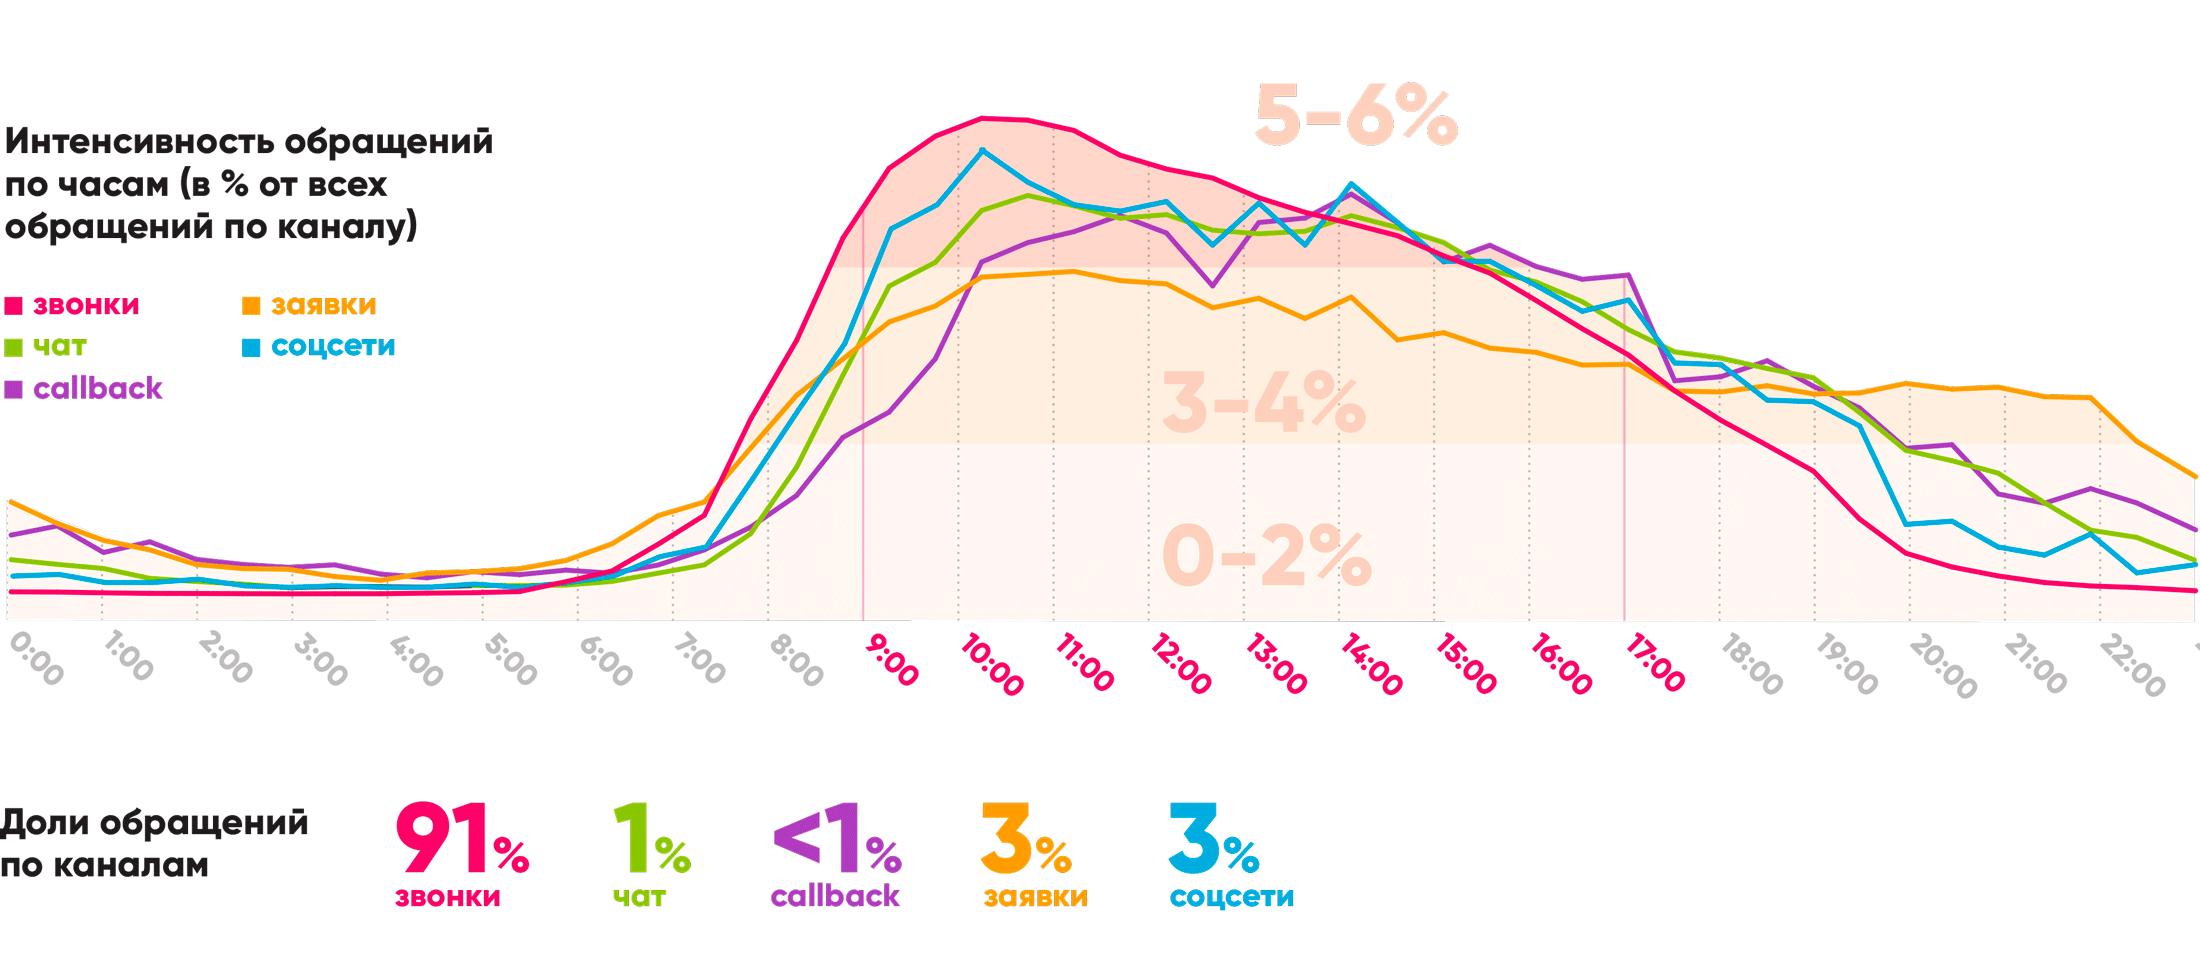 Клиенты наиболее активны в течение рабочего для с 9.00 до 17.00